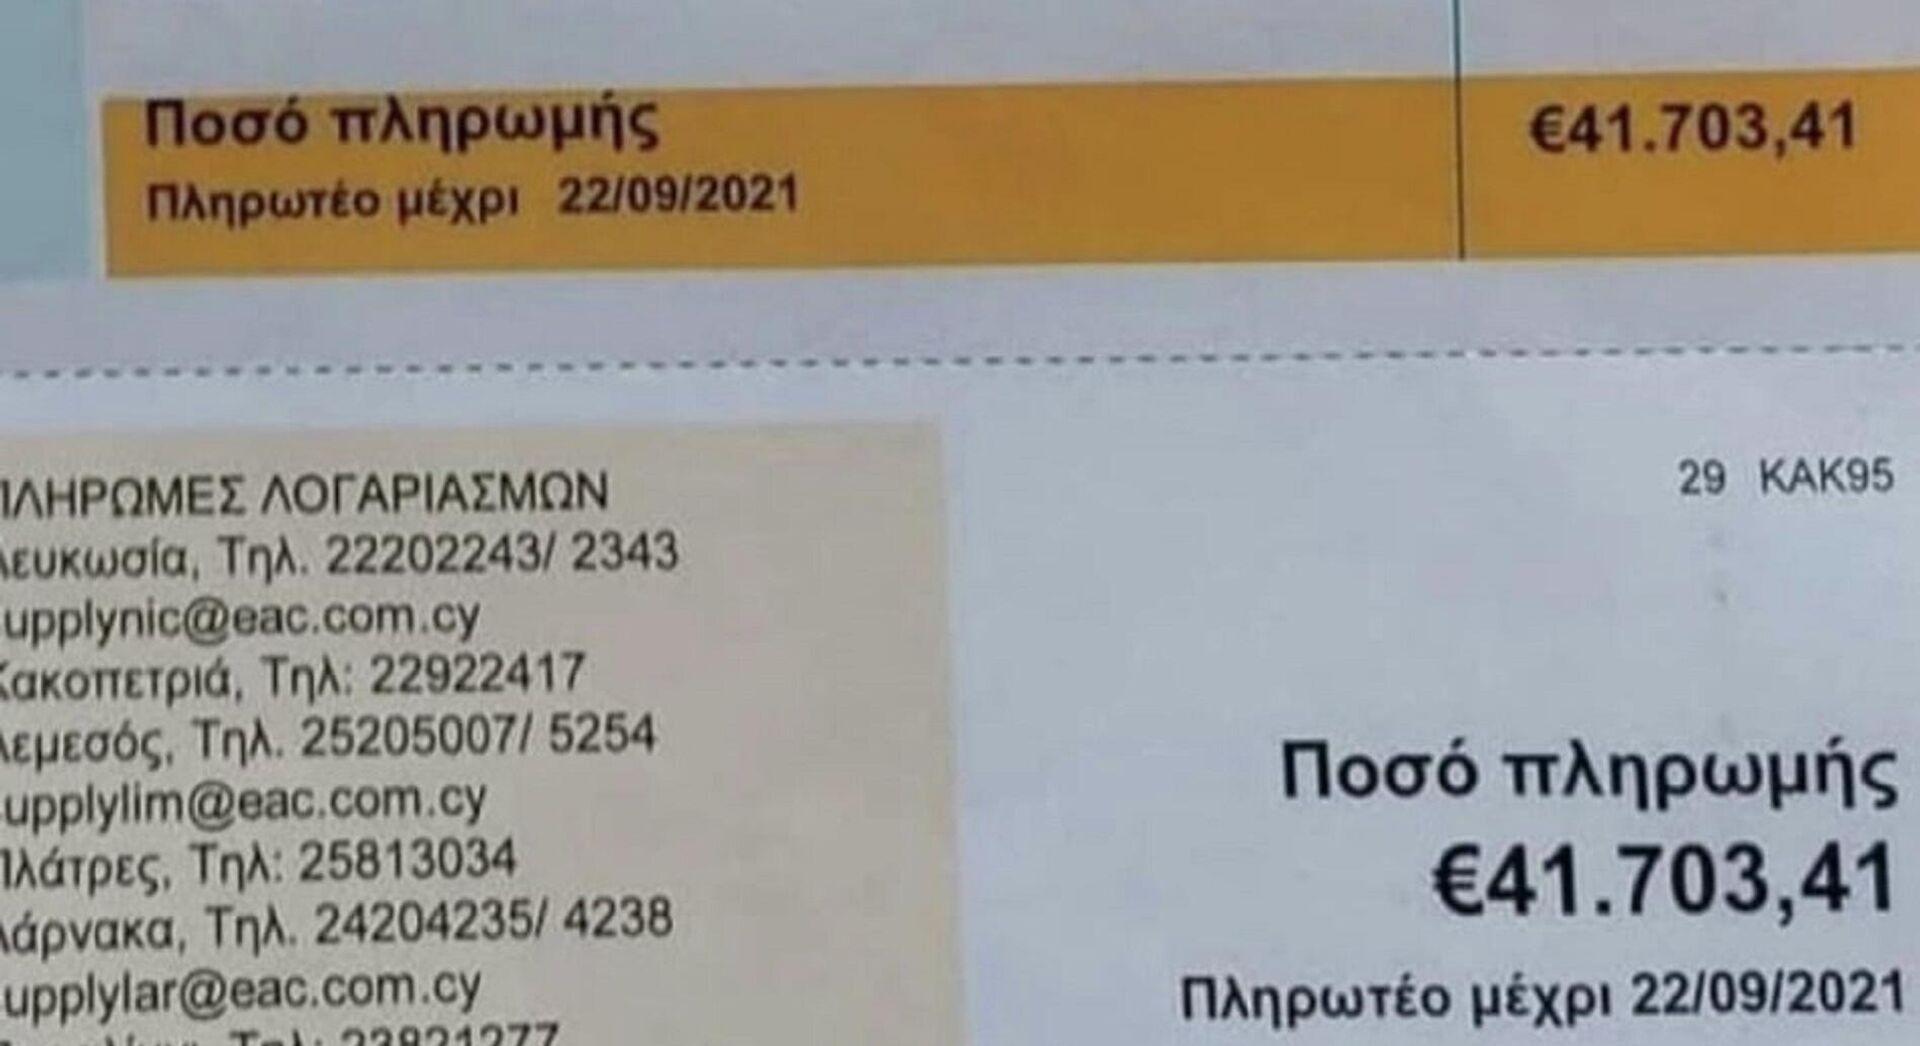 Τους ήρθε δίμηνος λογαριασμός ρεύματος πάνω από... 41.000 ευρώ - Sputnik Ελλάδα, 1920, 16.09.2021